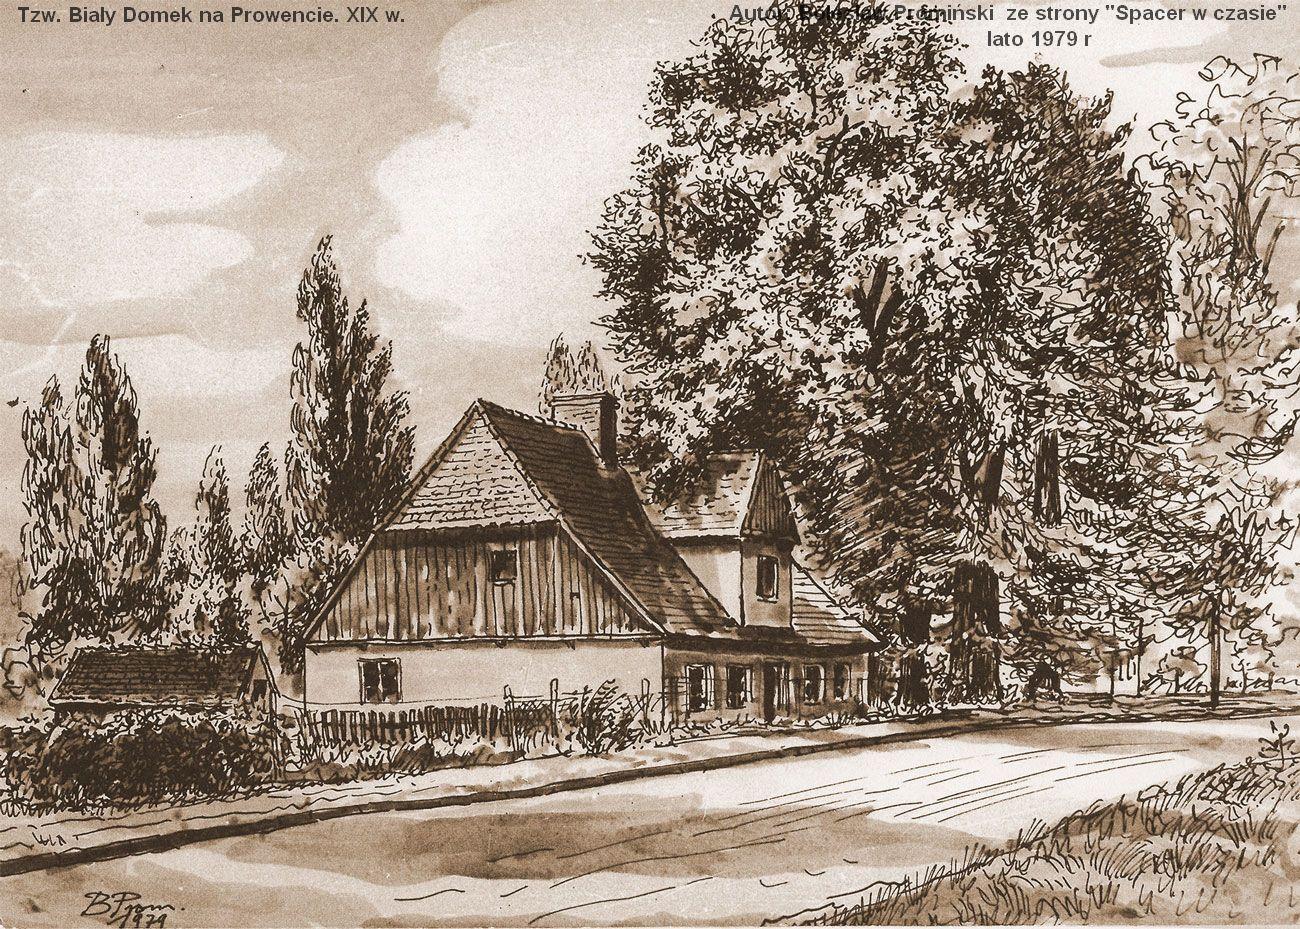 bialy-domek-prowent-kornik-1979-prominski-strona